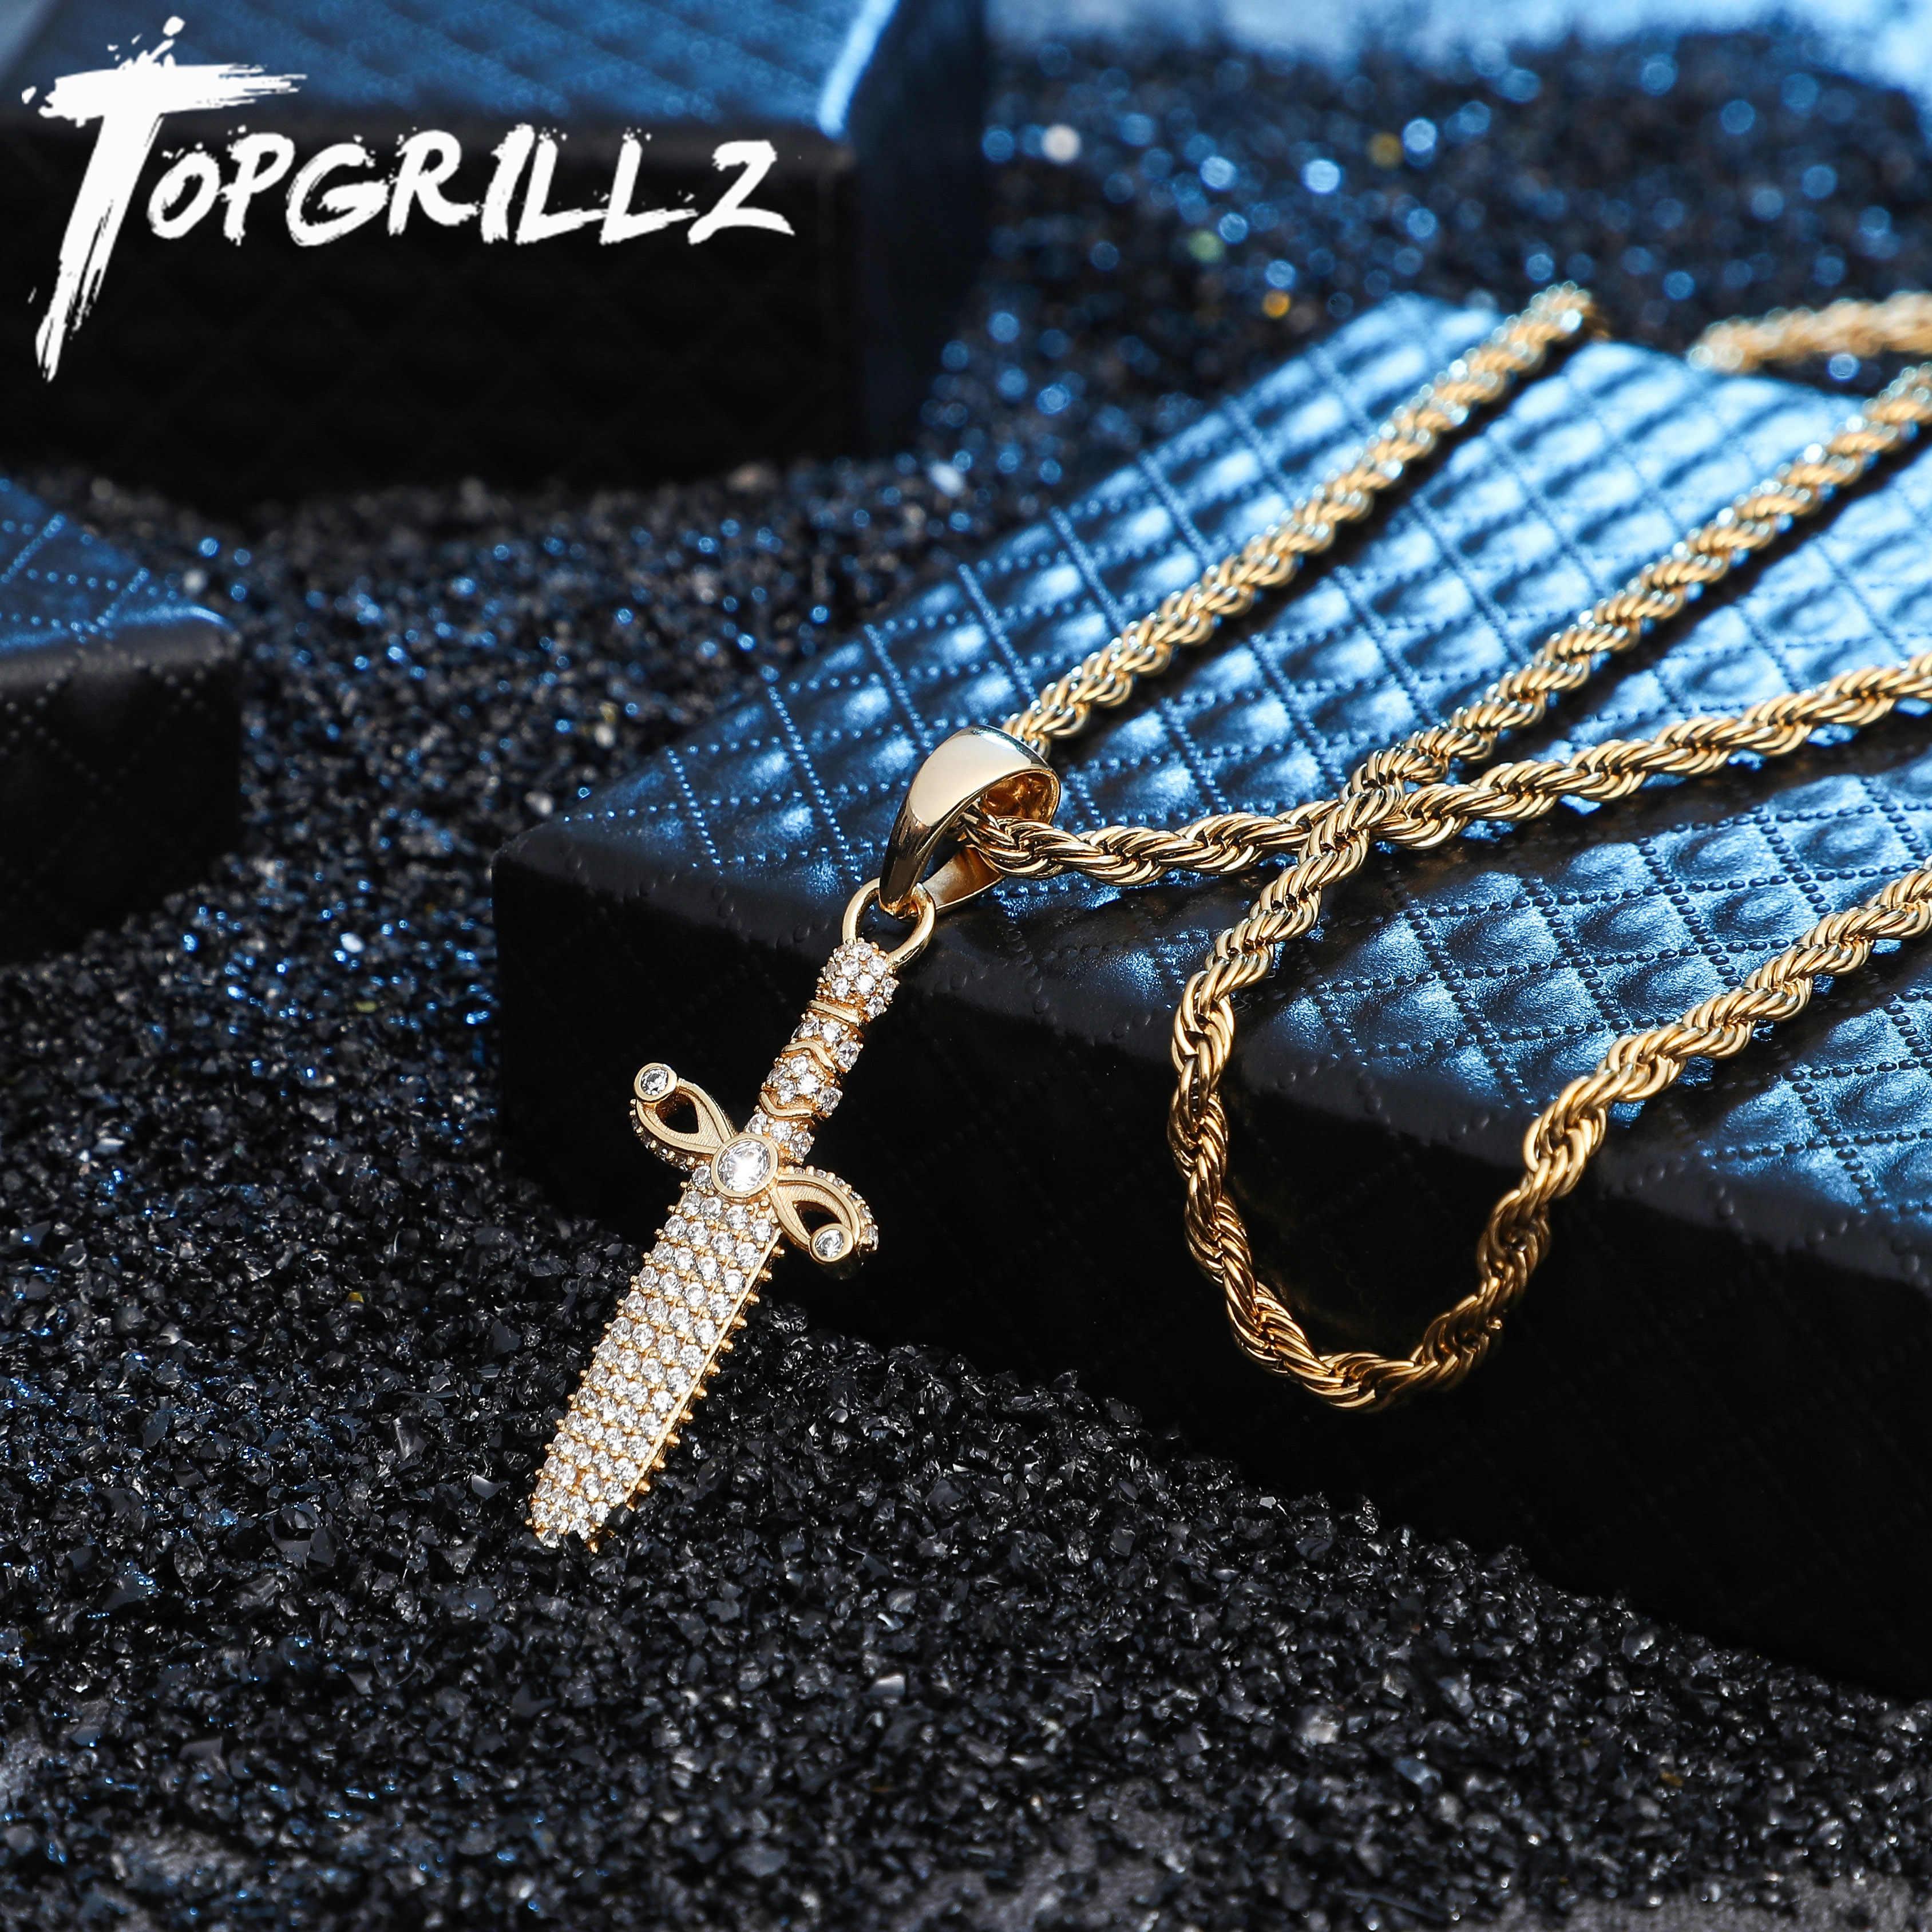 TOPGRILLZ アイスジルコンクロスペンダントゴールドシルバー 100% 925 スターリングシルバー素材 CZ ペンダントネックレスチェーンヒップホップジュエリー